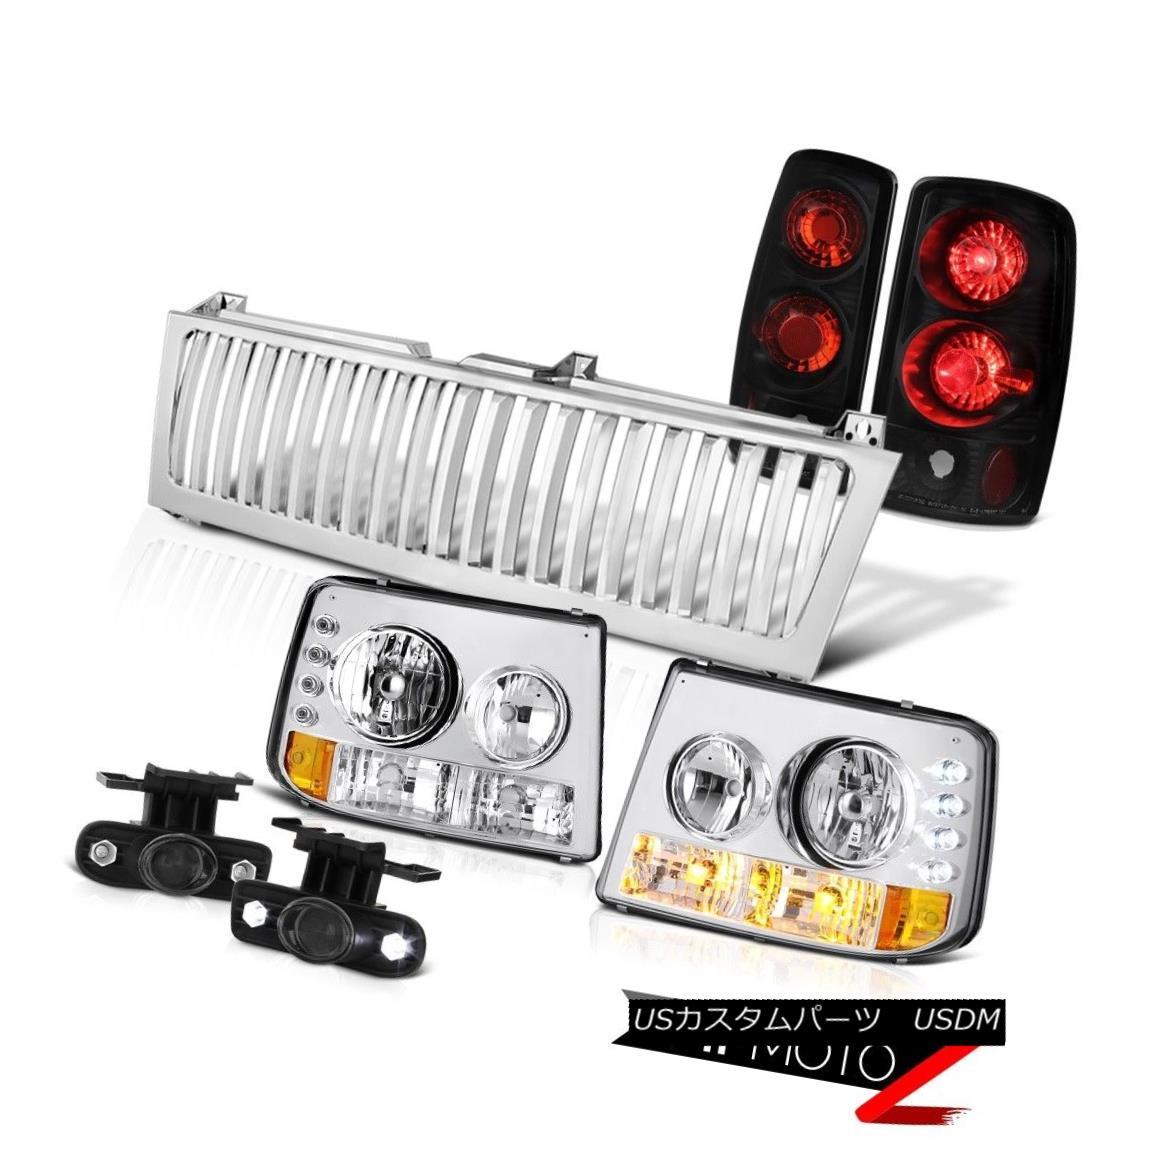 ヘッドライト 00-06 Suburban 6.0L Bumper Headlamp Rear Tail Light Driving Fog Chrome Grille 00-06郊外6.0Lバンパーヘッドランプリアテールライトドライビングフォグクロームグリル